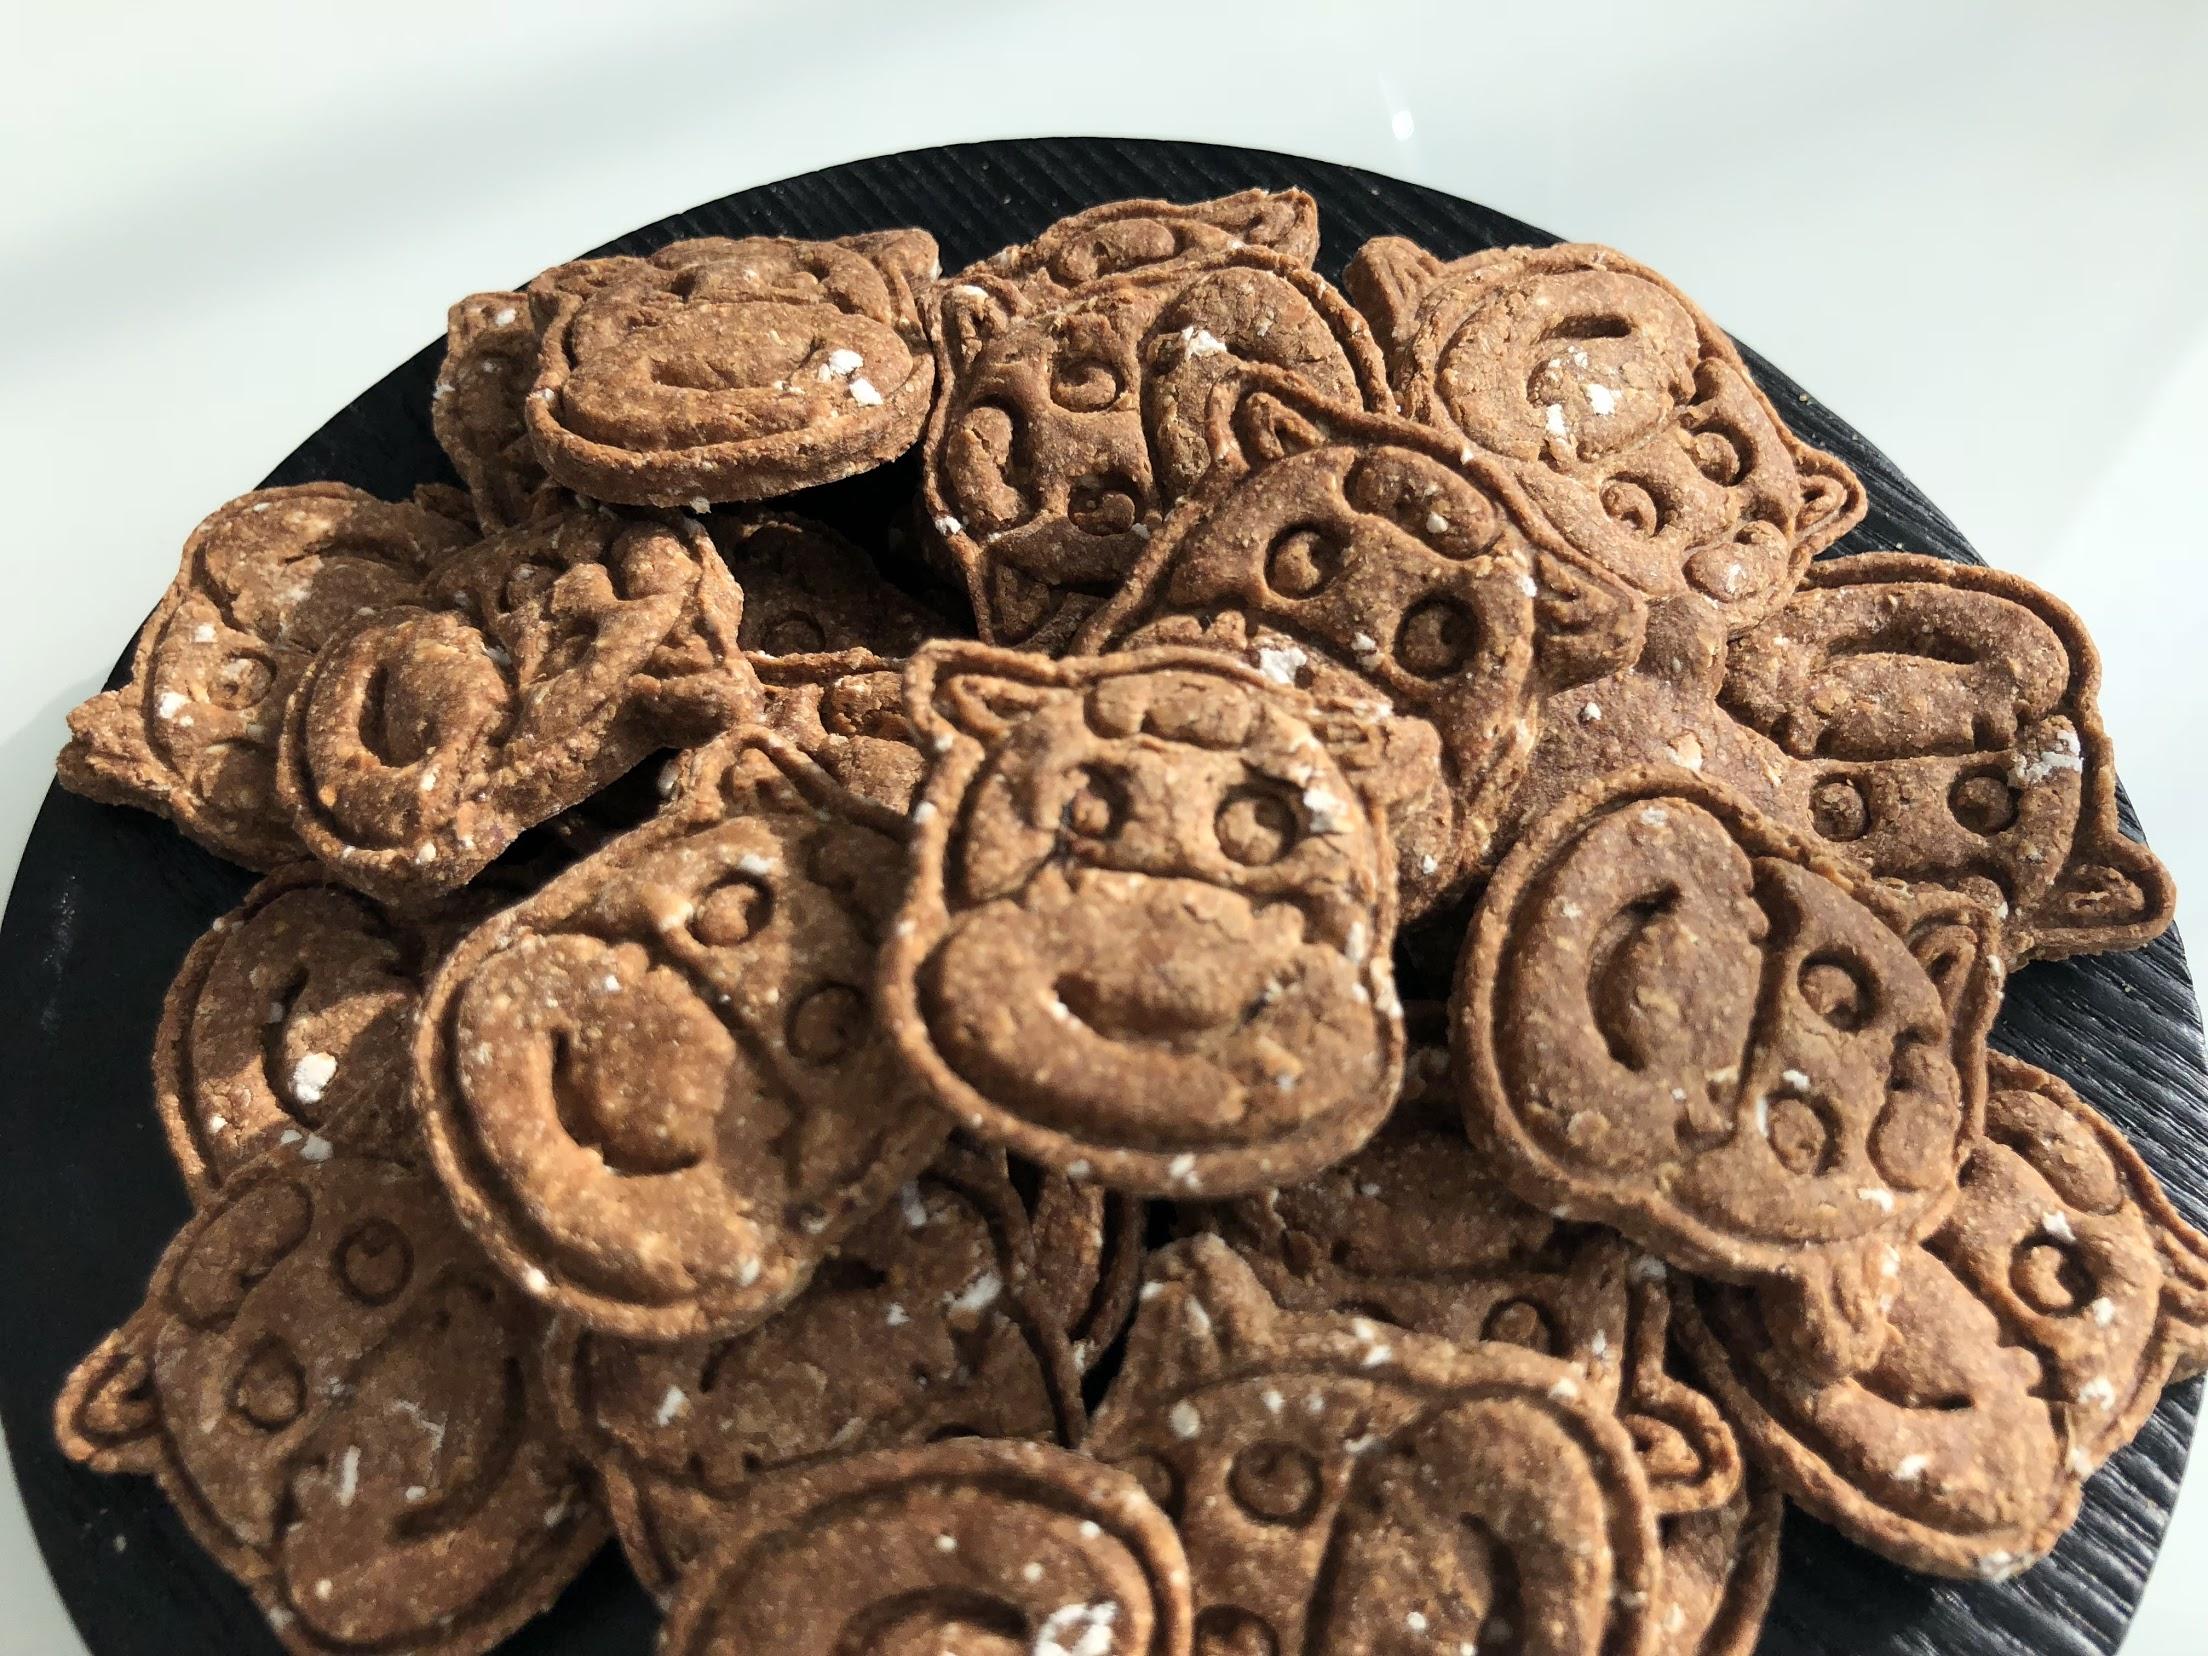 강아지 수제 쿠키 샘플러 B (70g x 4) - 브루클린, 27,000원, 간식/영양제, 수제간식